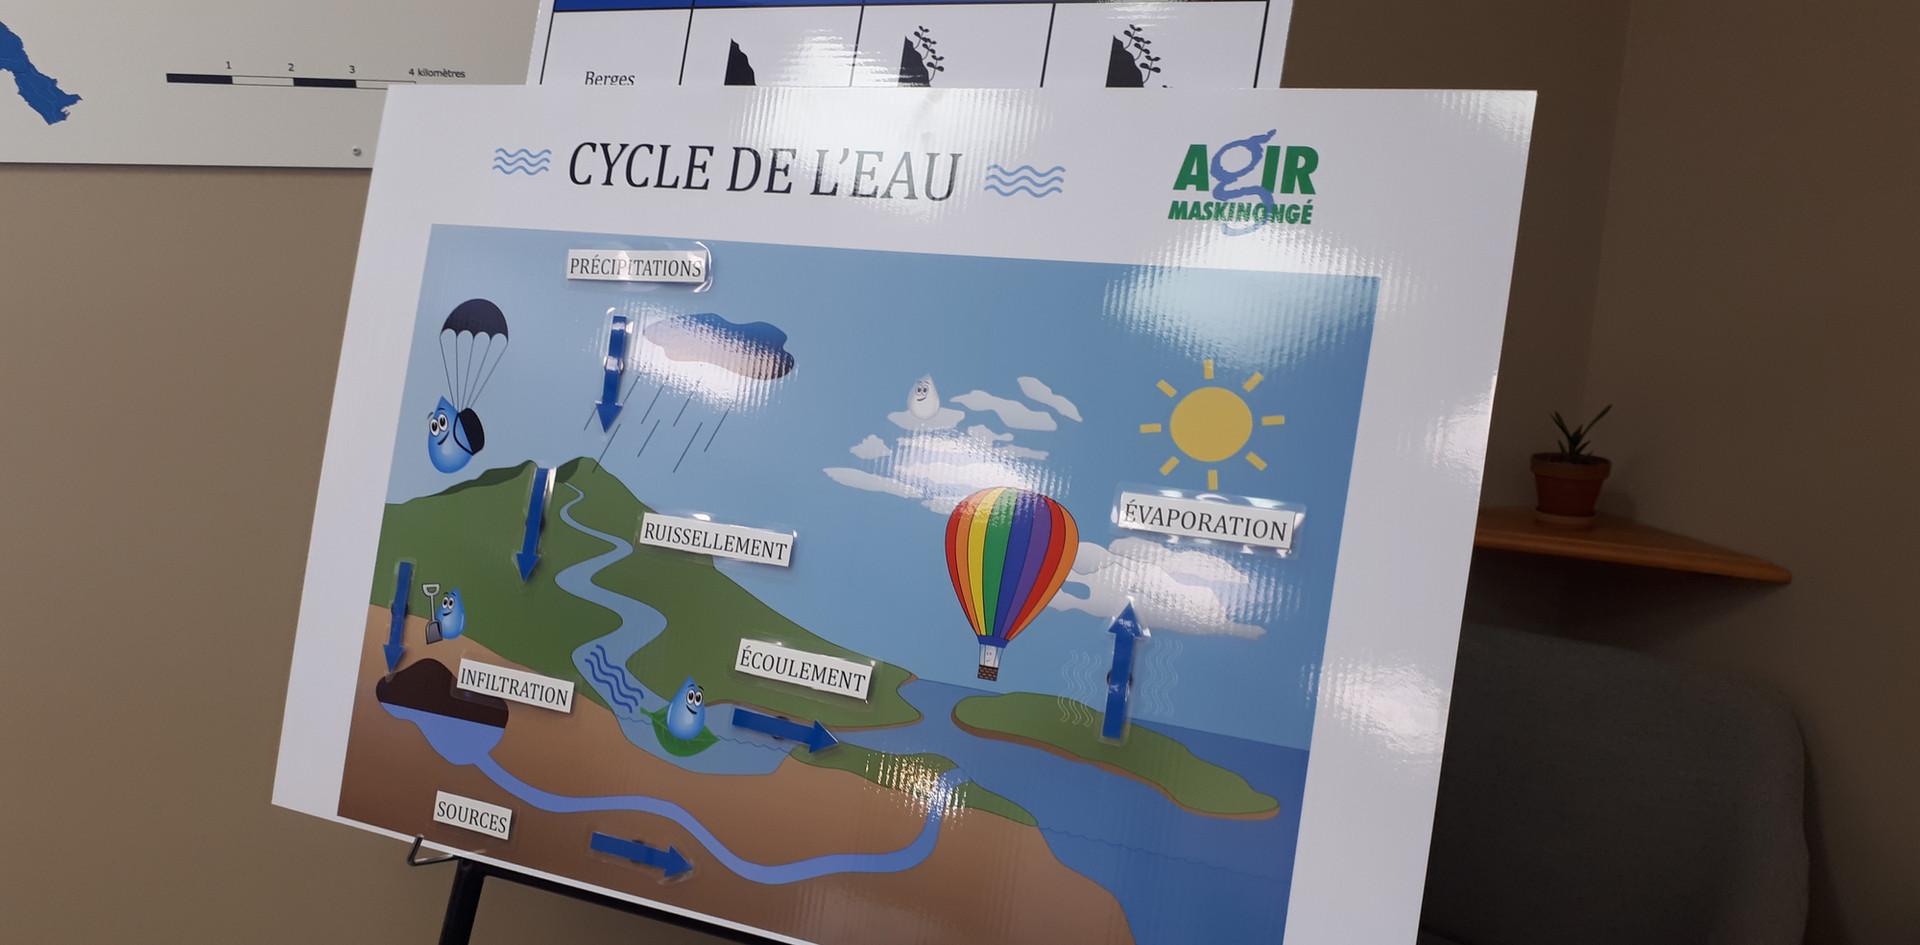 Le cycle de l'eau